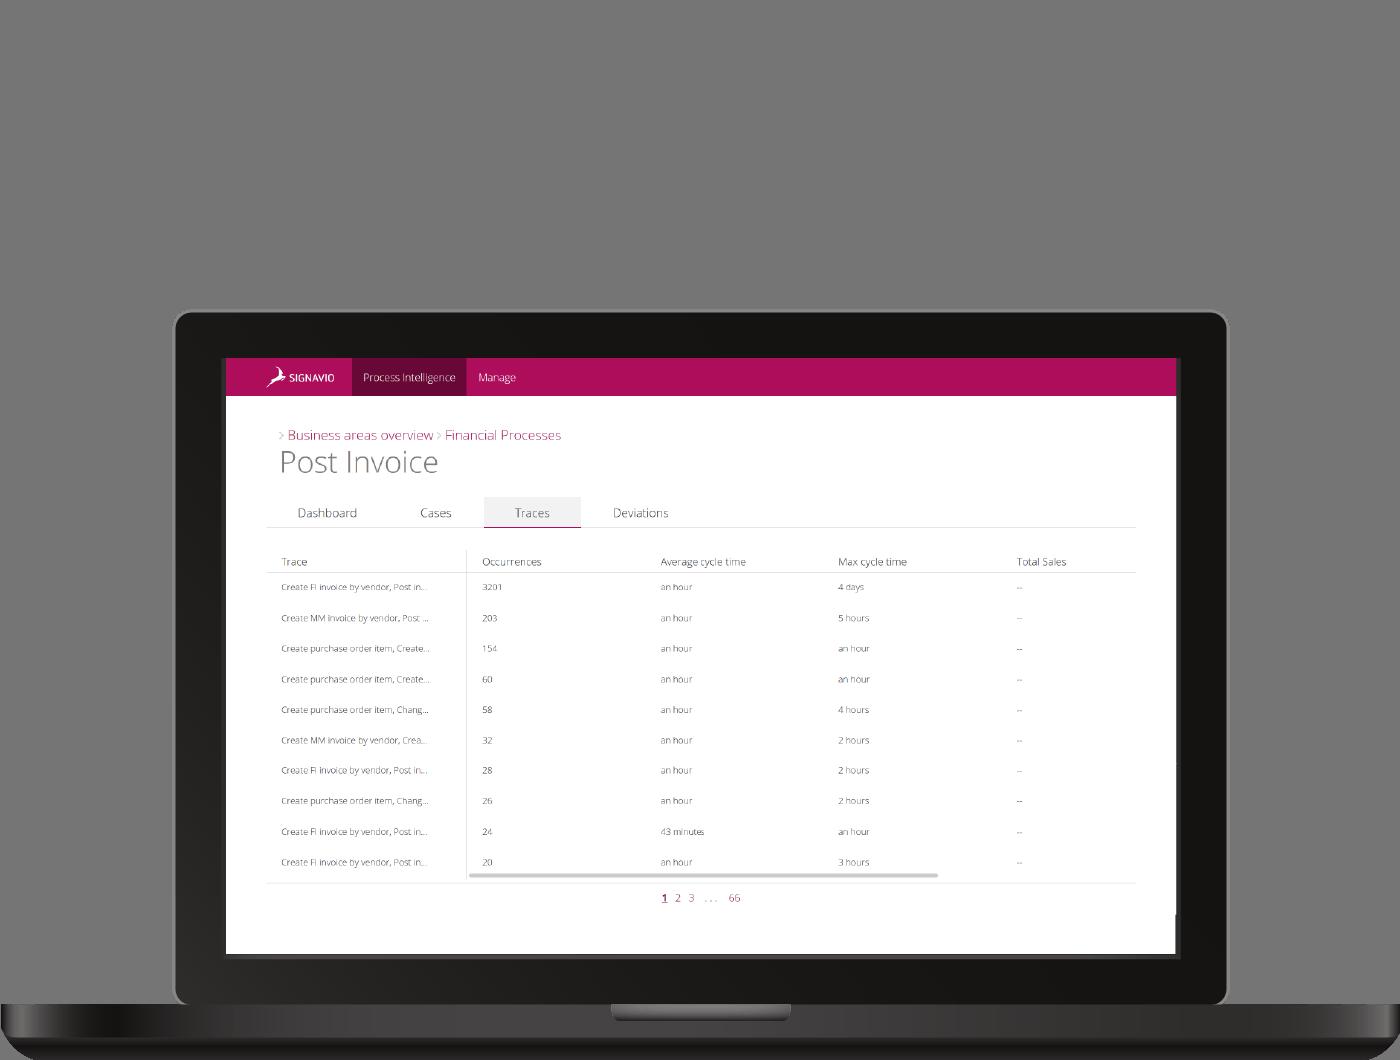 Process Intelligence Financial Processes - case pattern identifier screen